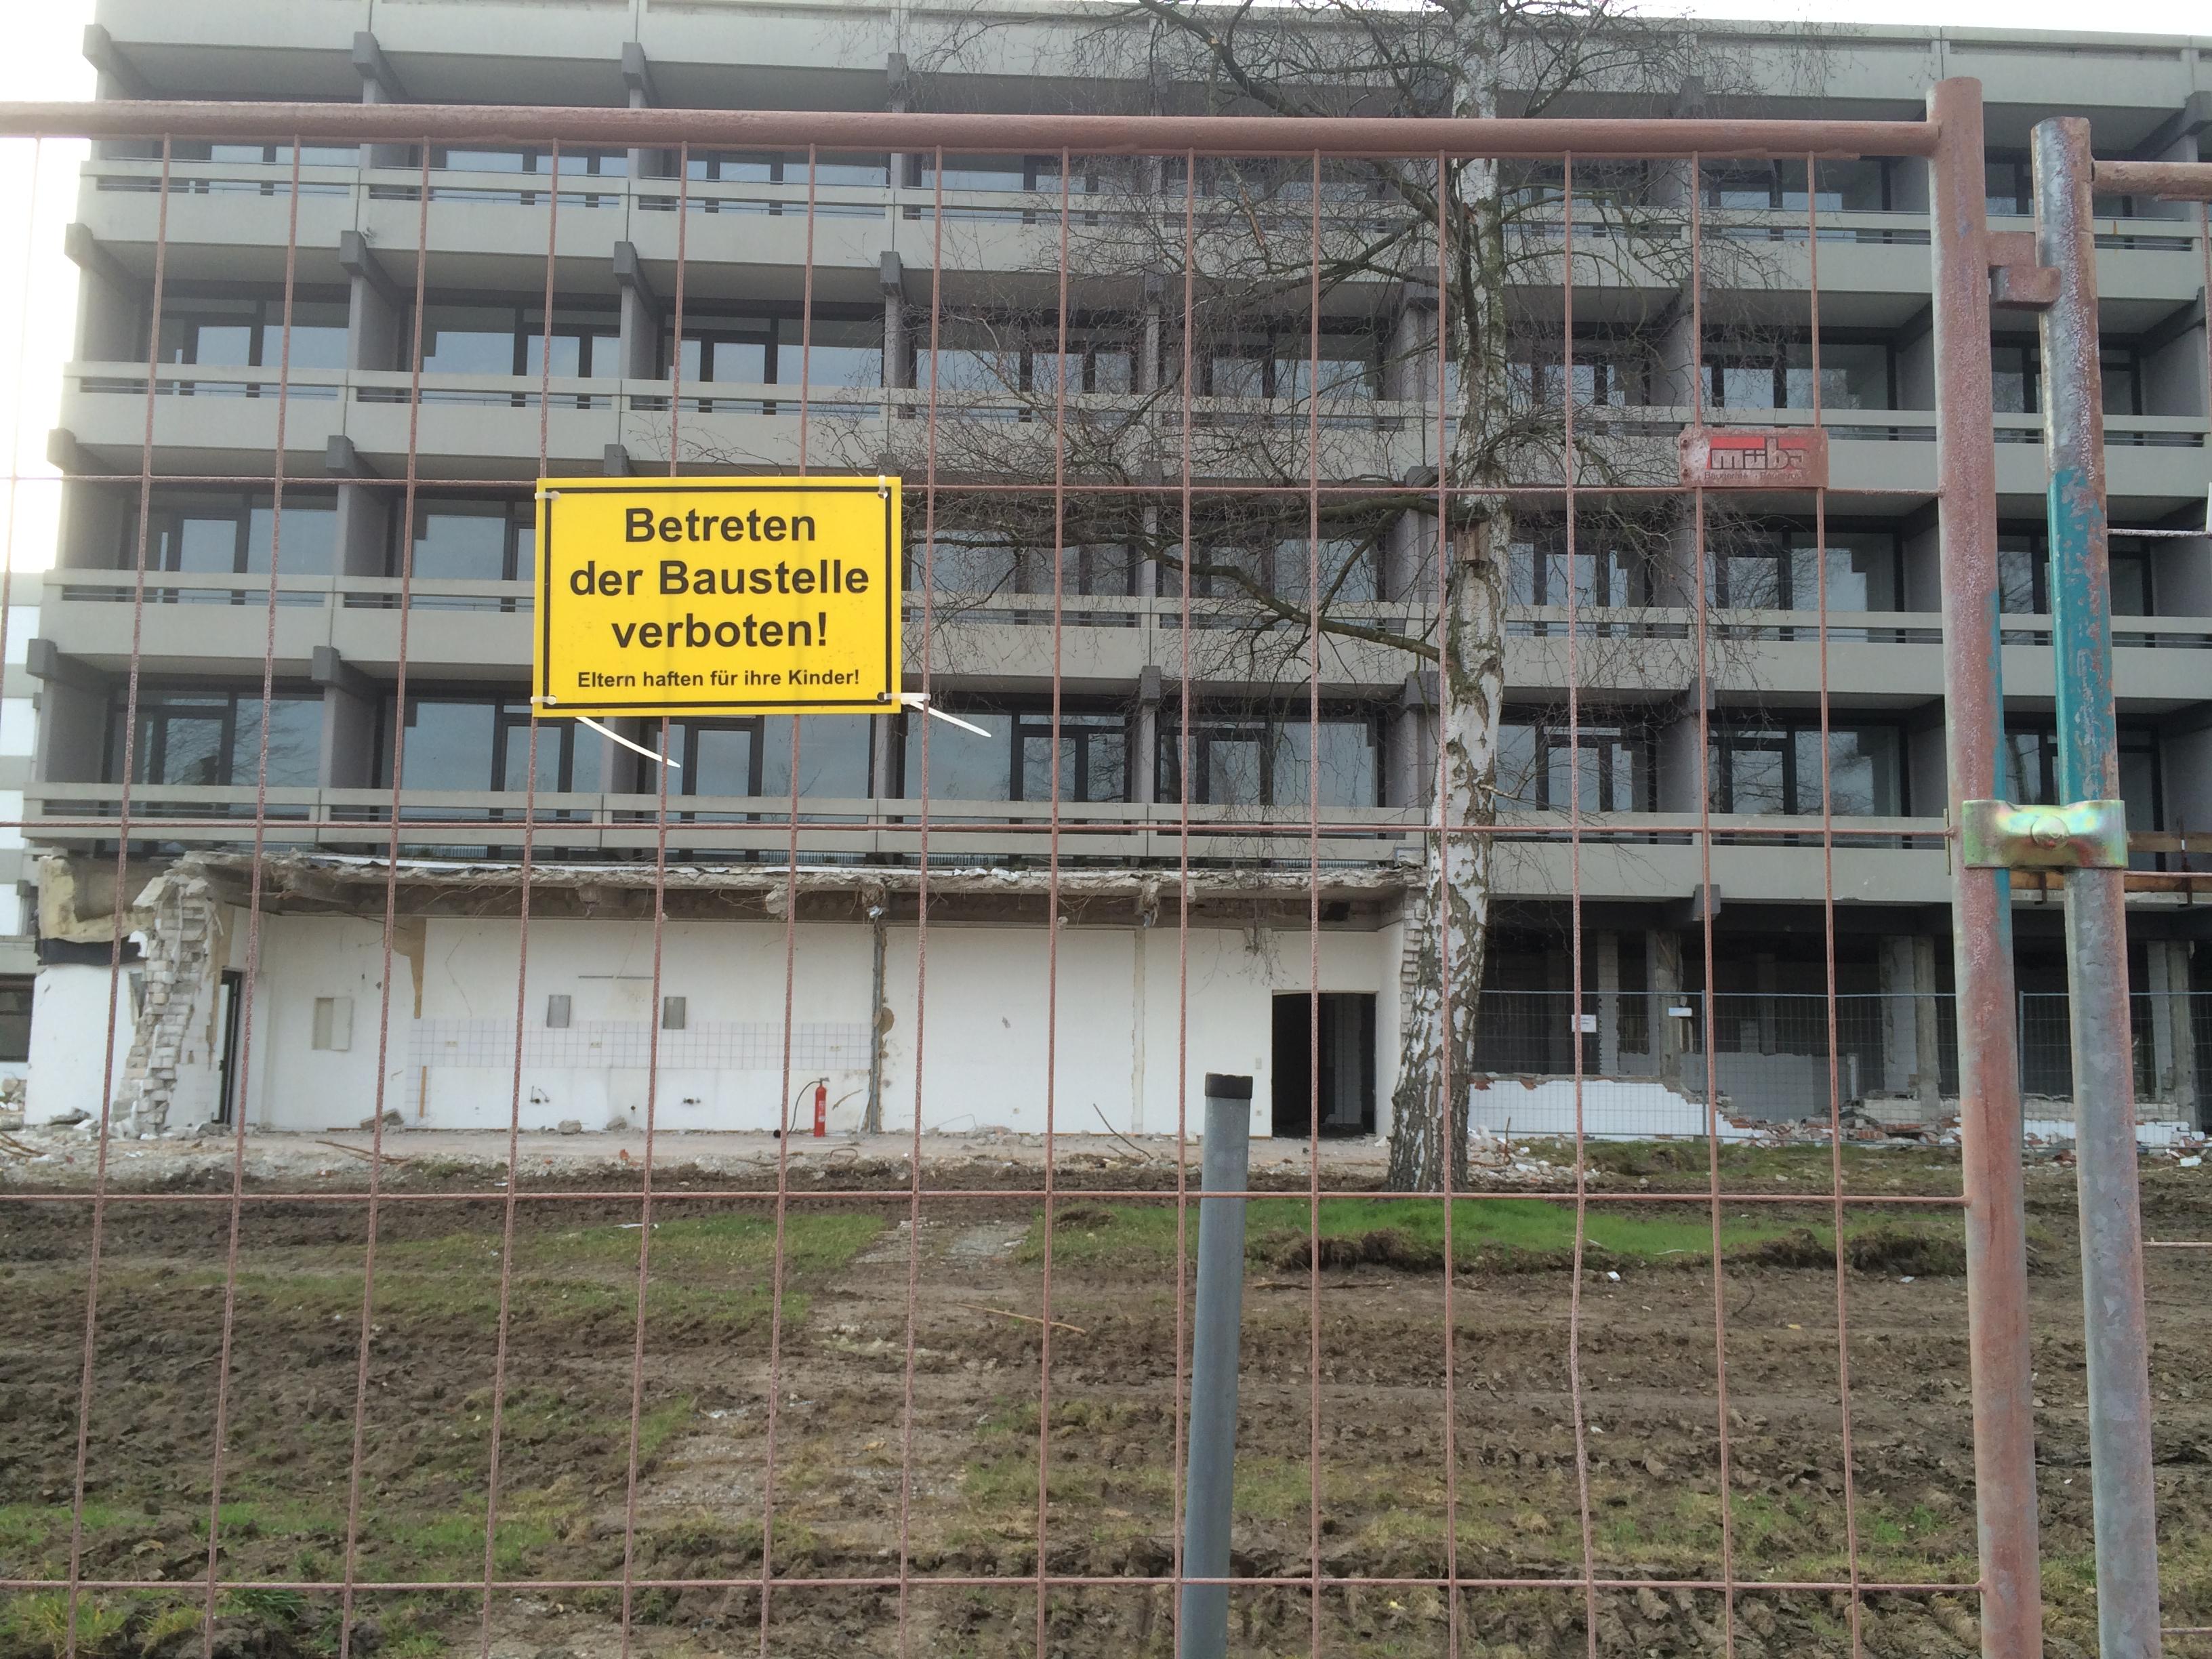 Kreuzkampklinik Lippstadt Bad Waldliesborn mit Zaun und Schild